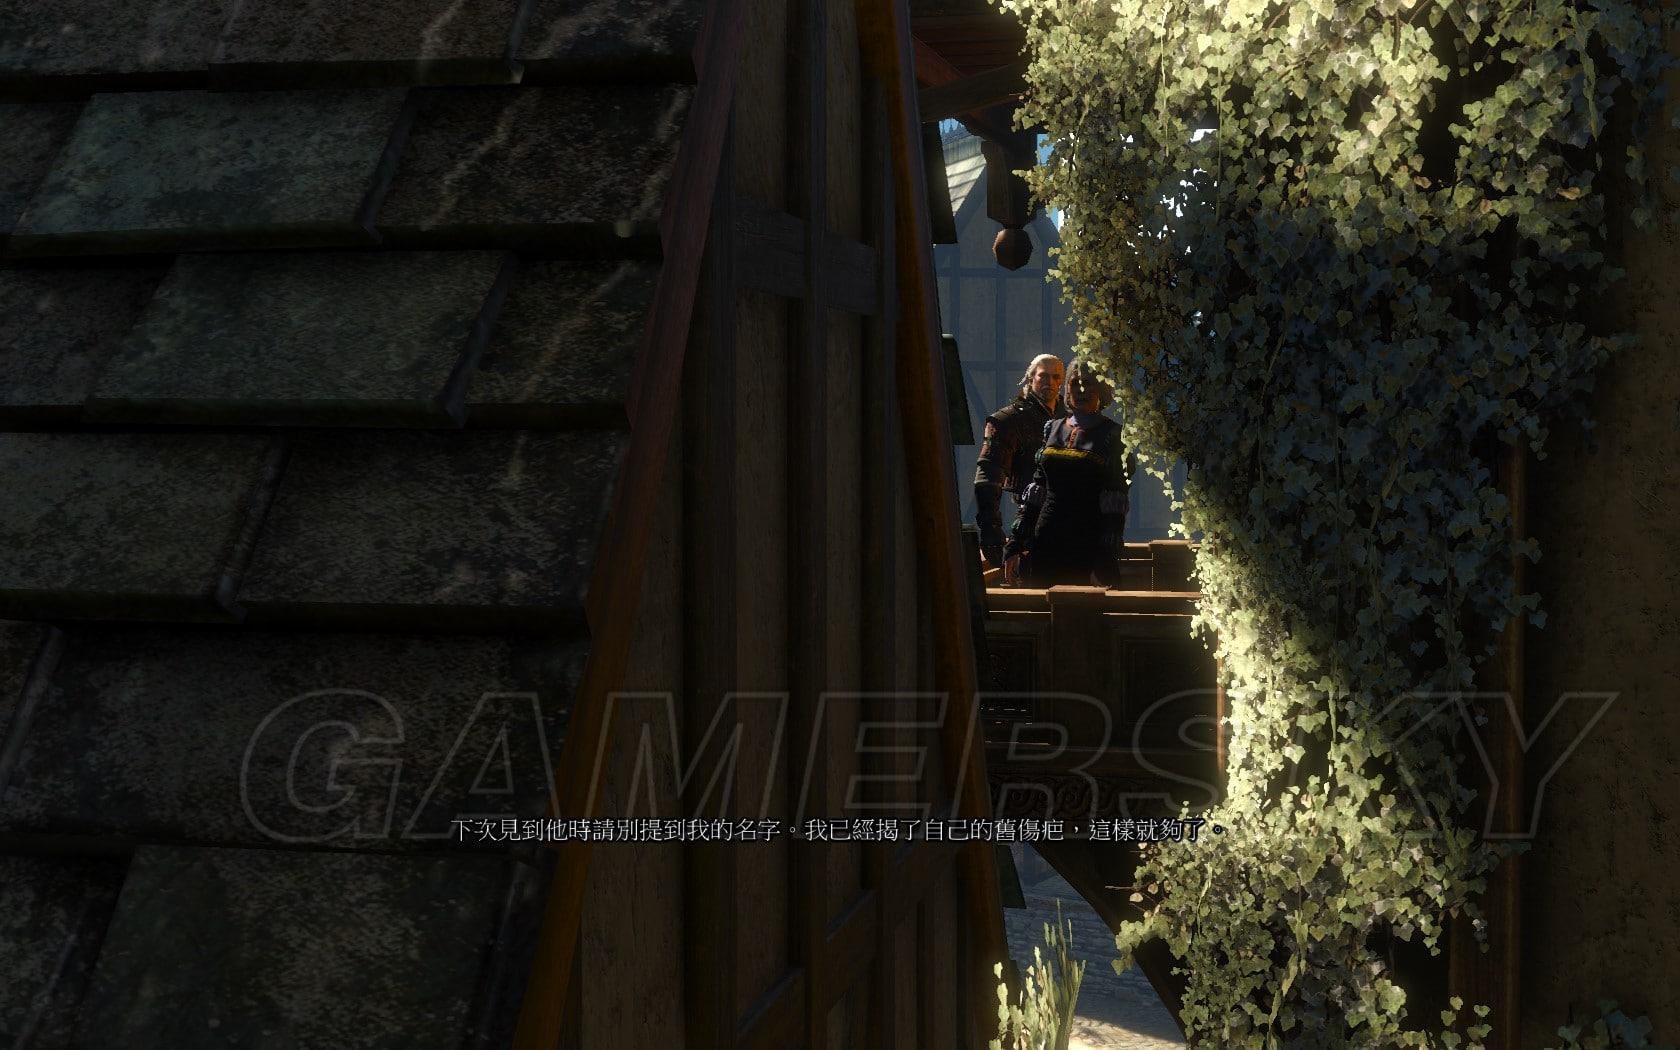 巫師3 DLC石之心拍賣會老婦人劇情詳解